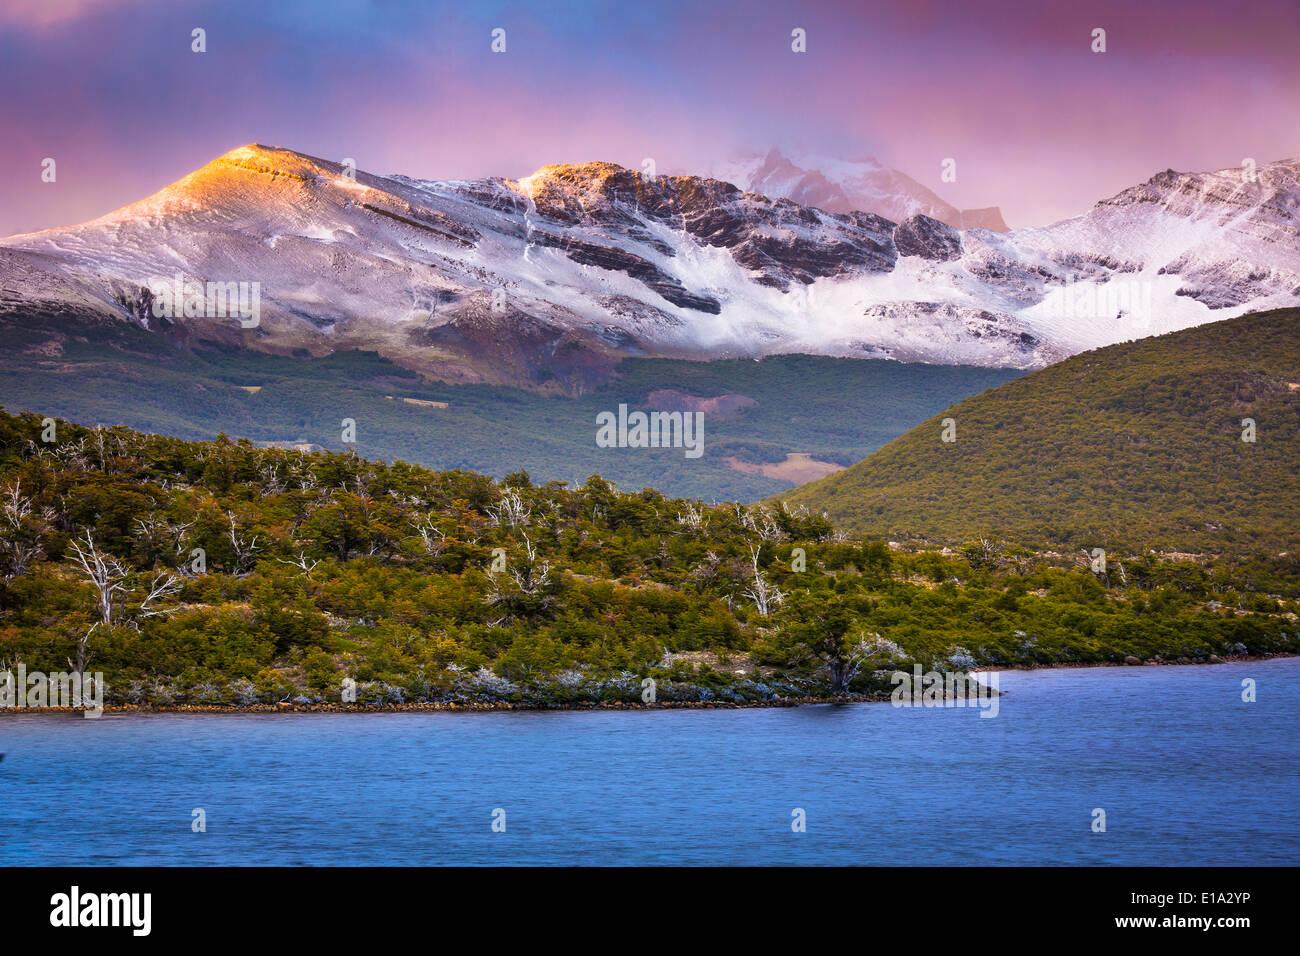 Laguna Capri lago vicino a El Chaltén in parte argentino della Patagonia Immagini Stock